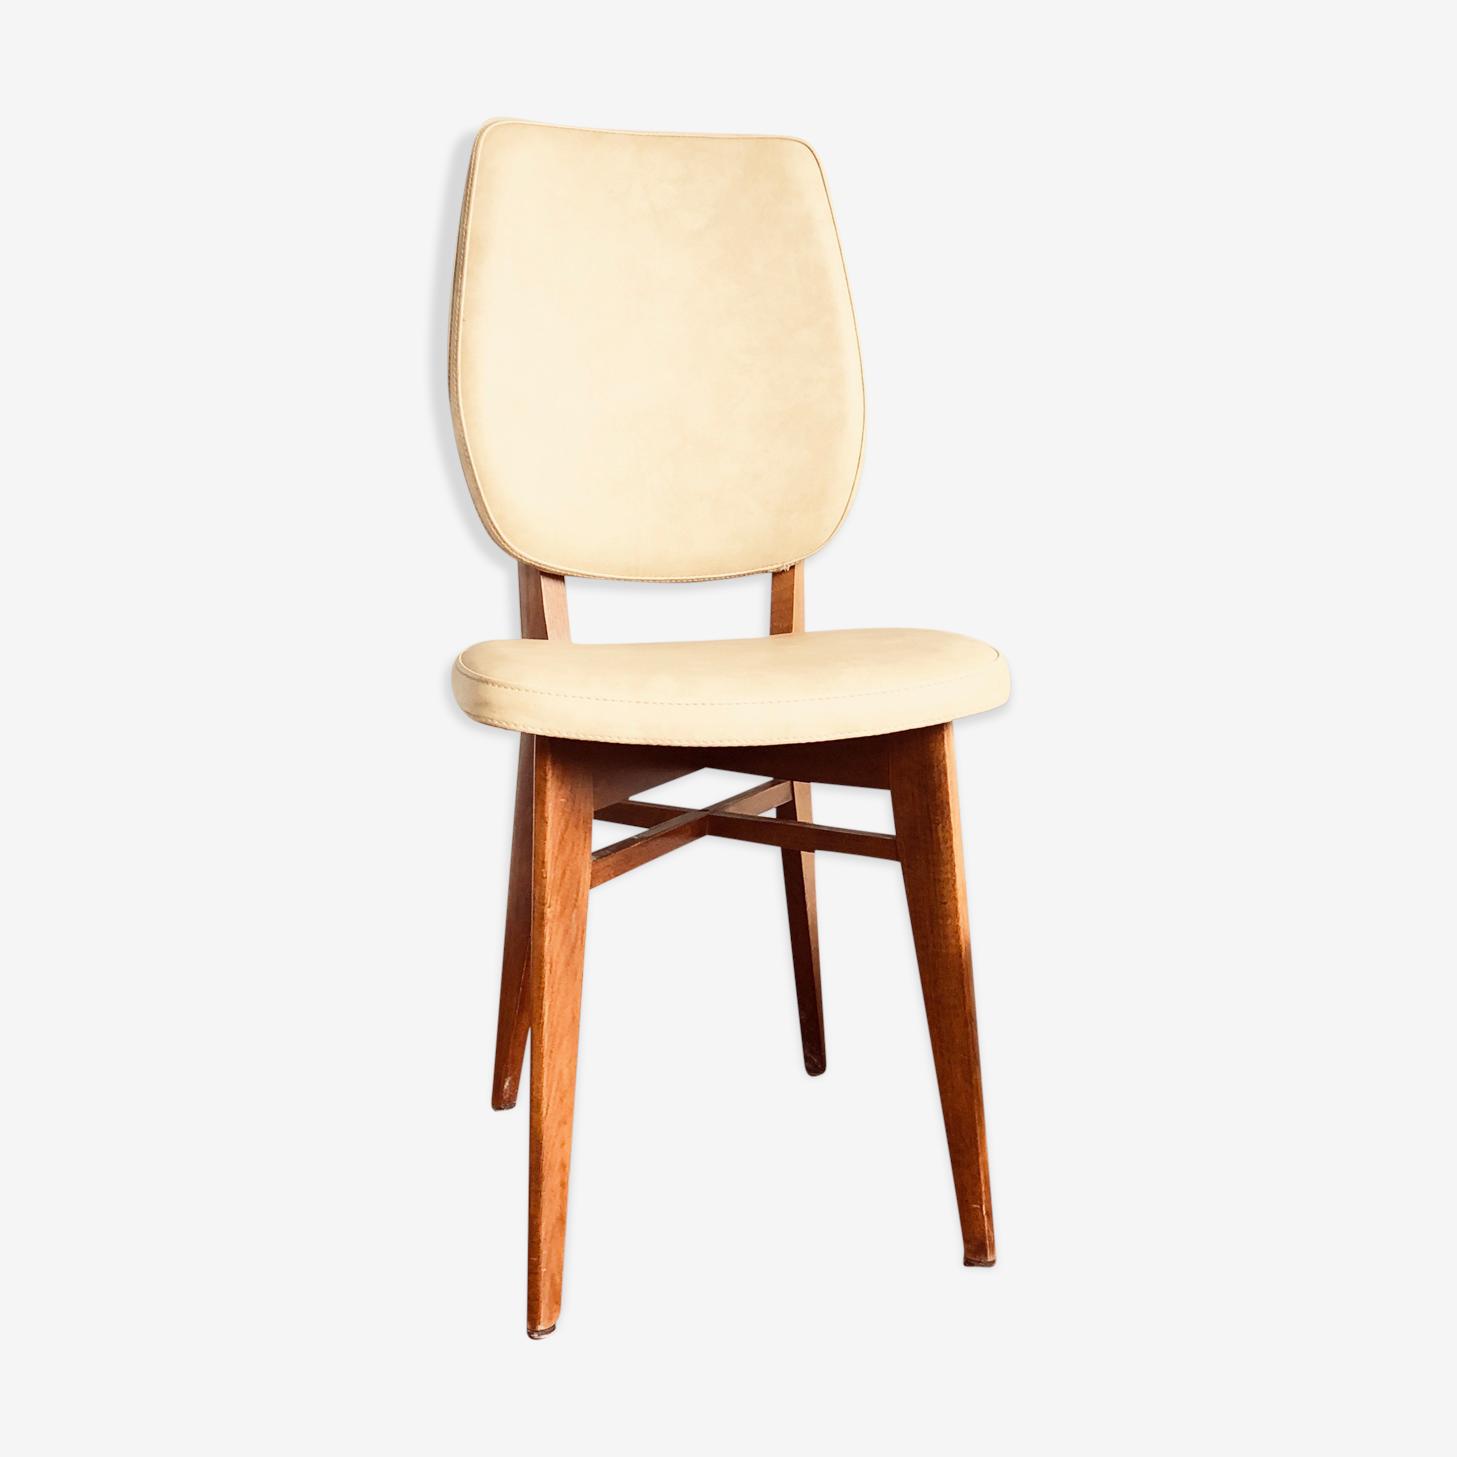 Chaise vintage bois et skaï années 1958